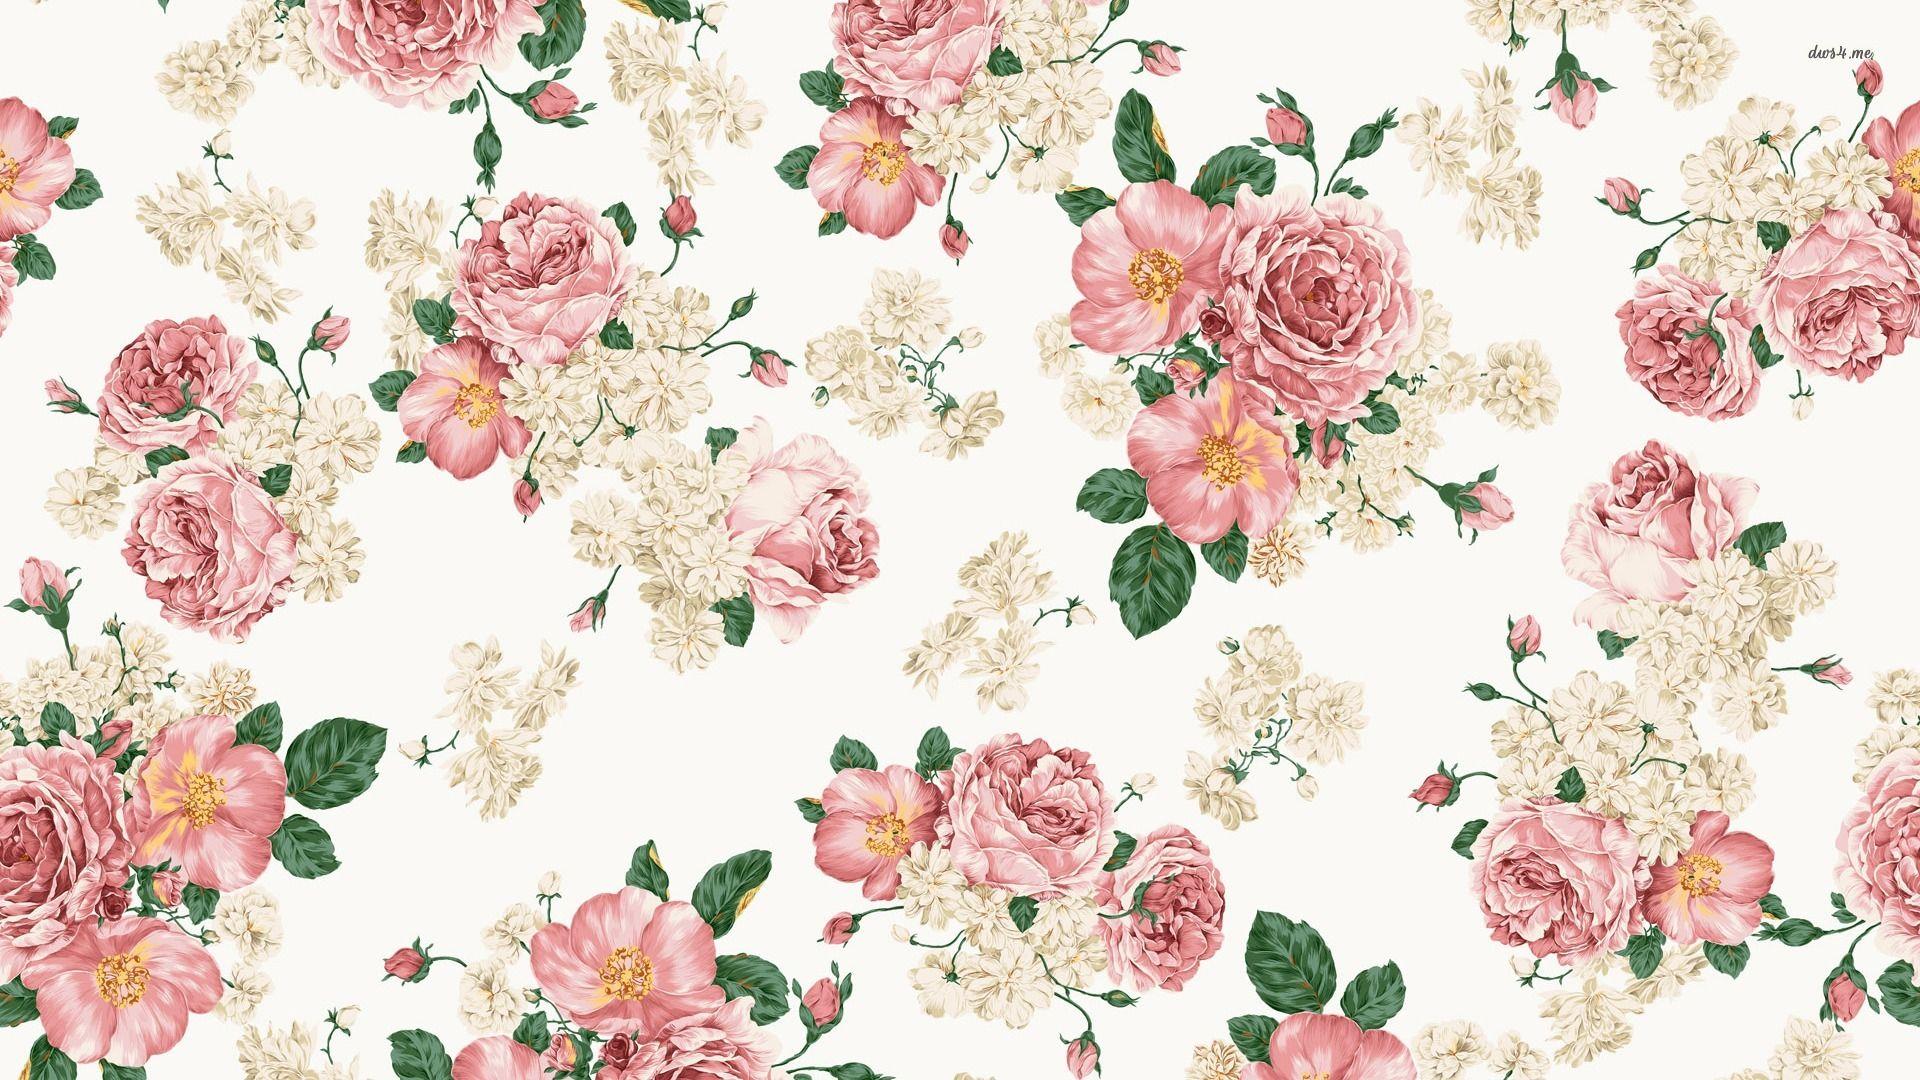 Vintage Roses Wallpaper In 2020 Vintage Flowers Wallpaper Vintage Floral Backgrounds Floral Pattern Wallpaper